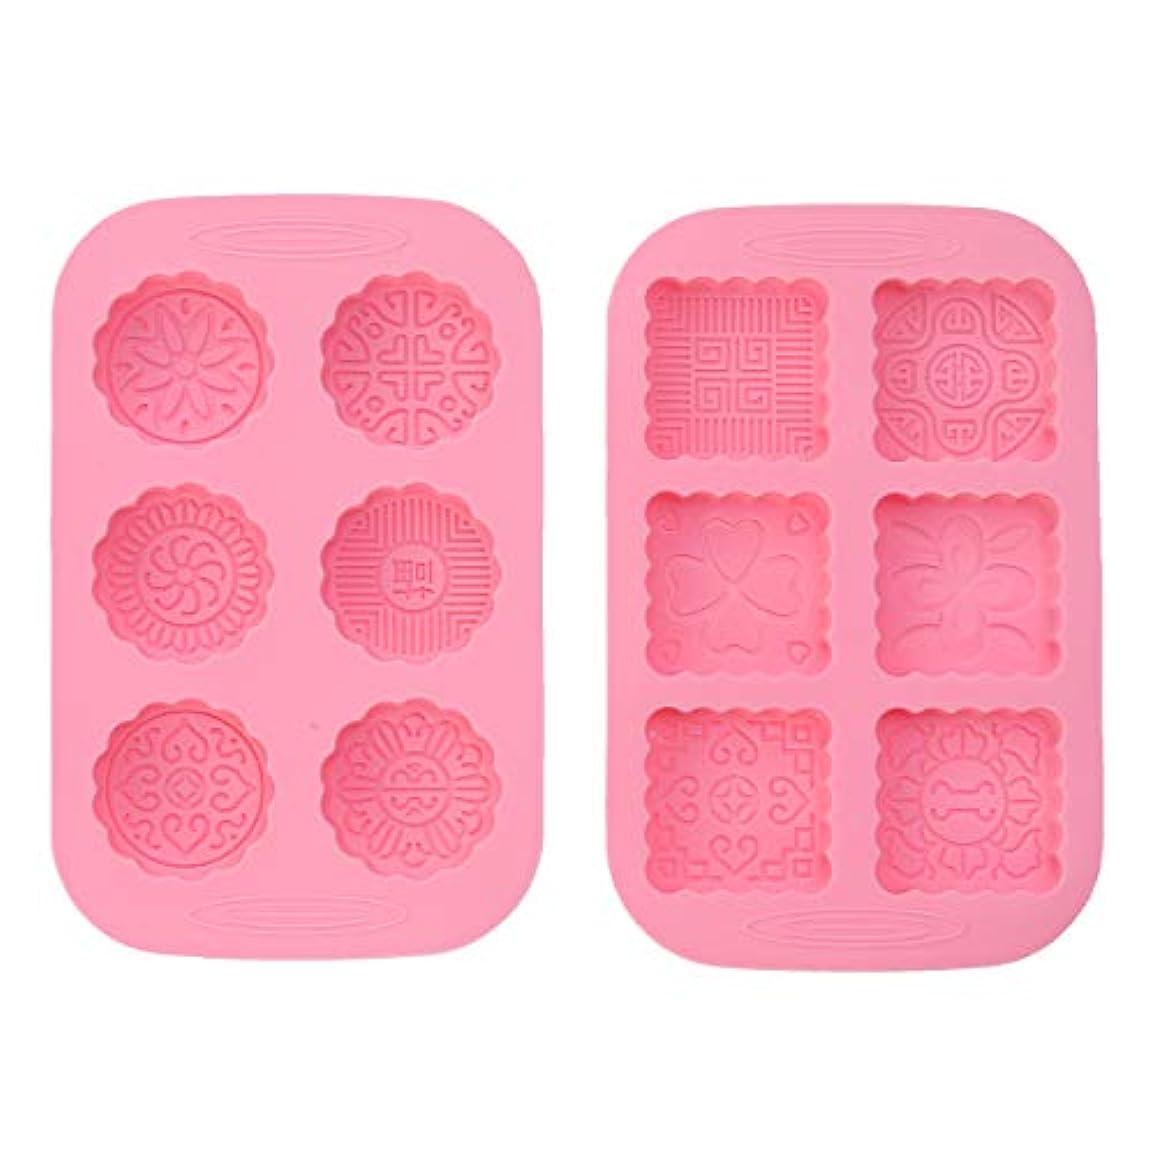 やさしい美徳フィッティングHealifty チョコレート石鹸パンのための2本の月餅型の花型(ピンク)